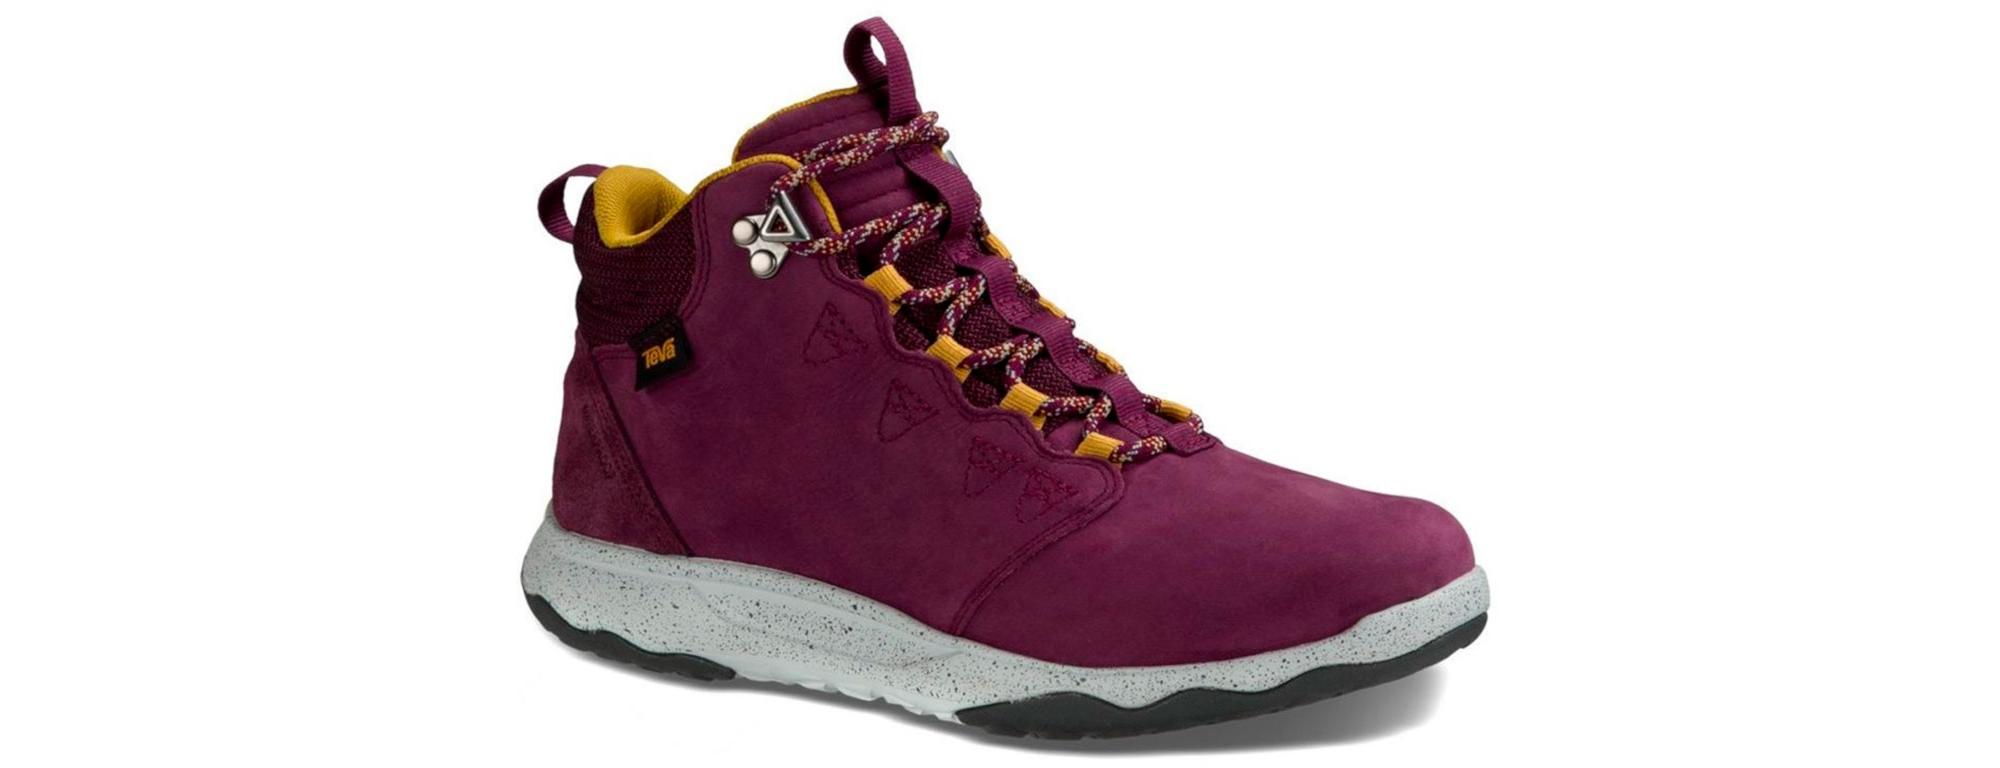 Dámské boty Arrowood Lux Mid WP značky Teva